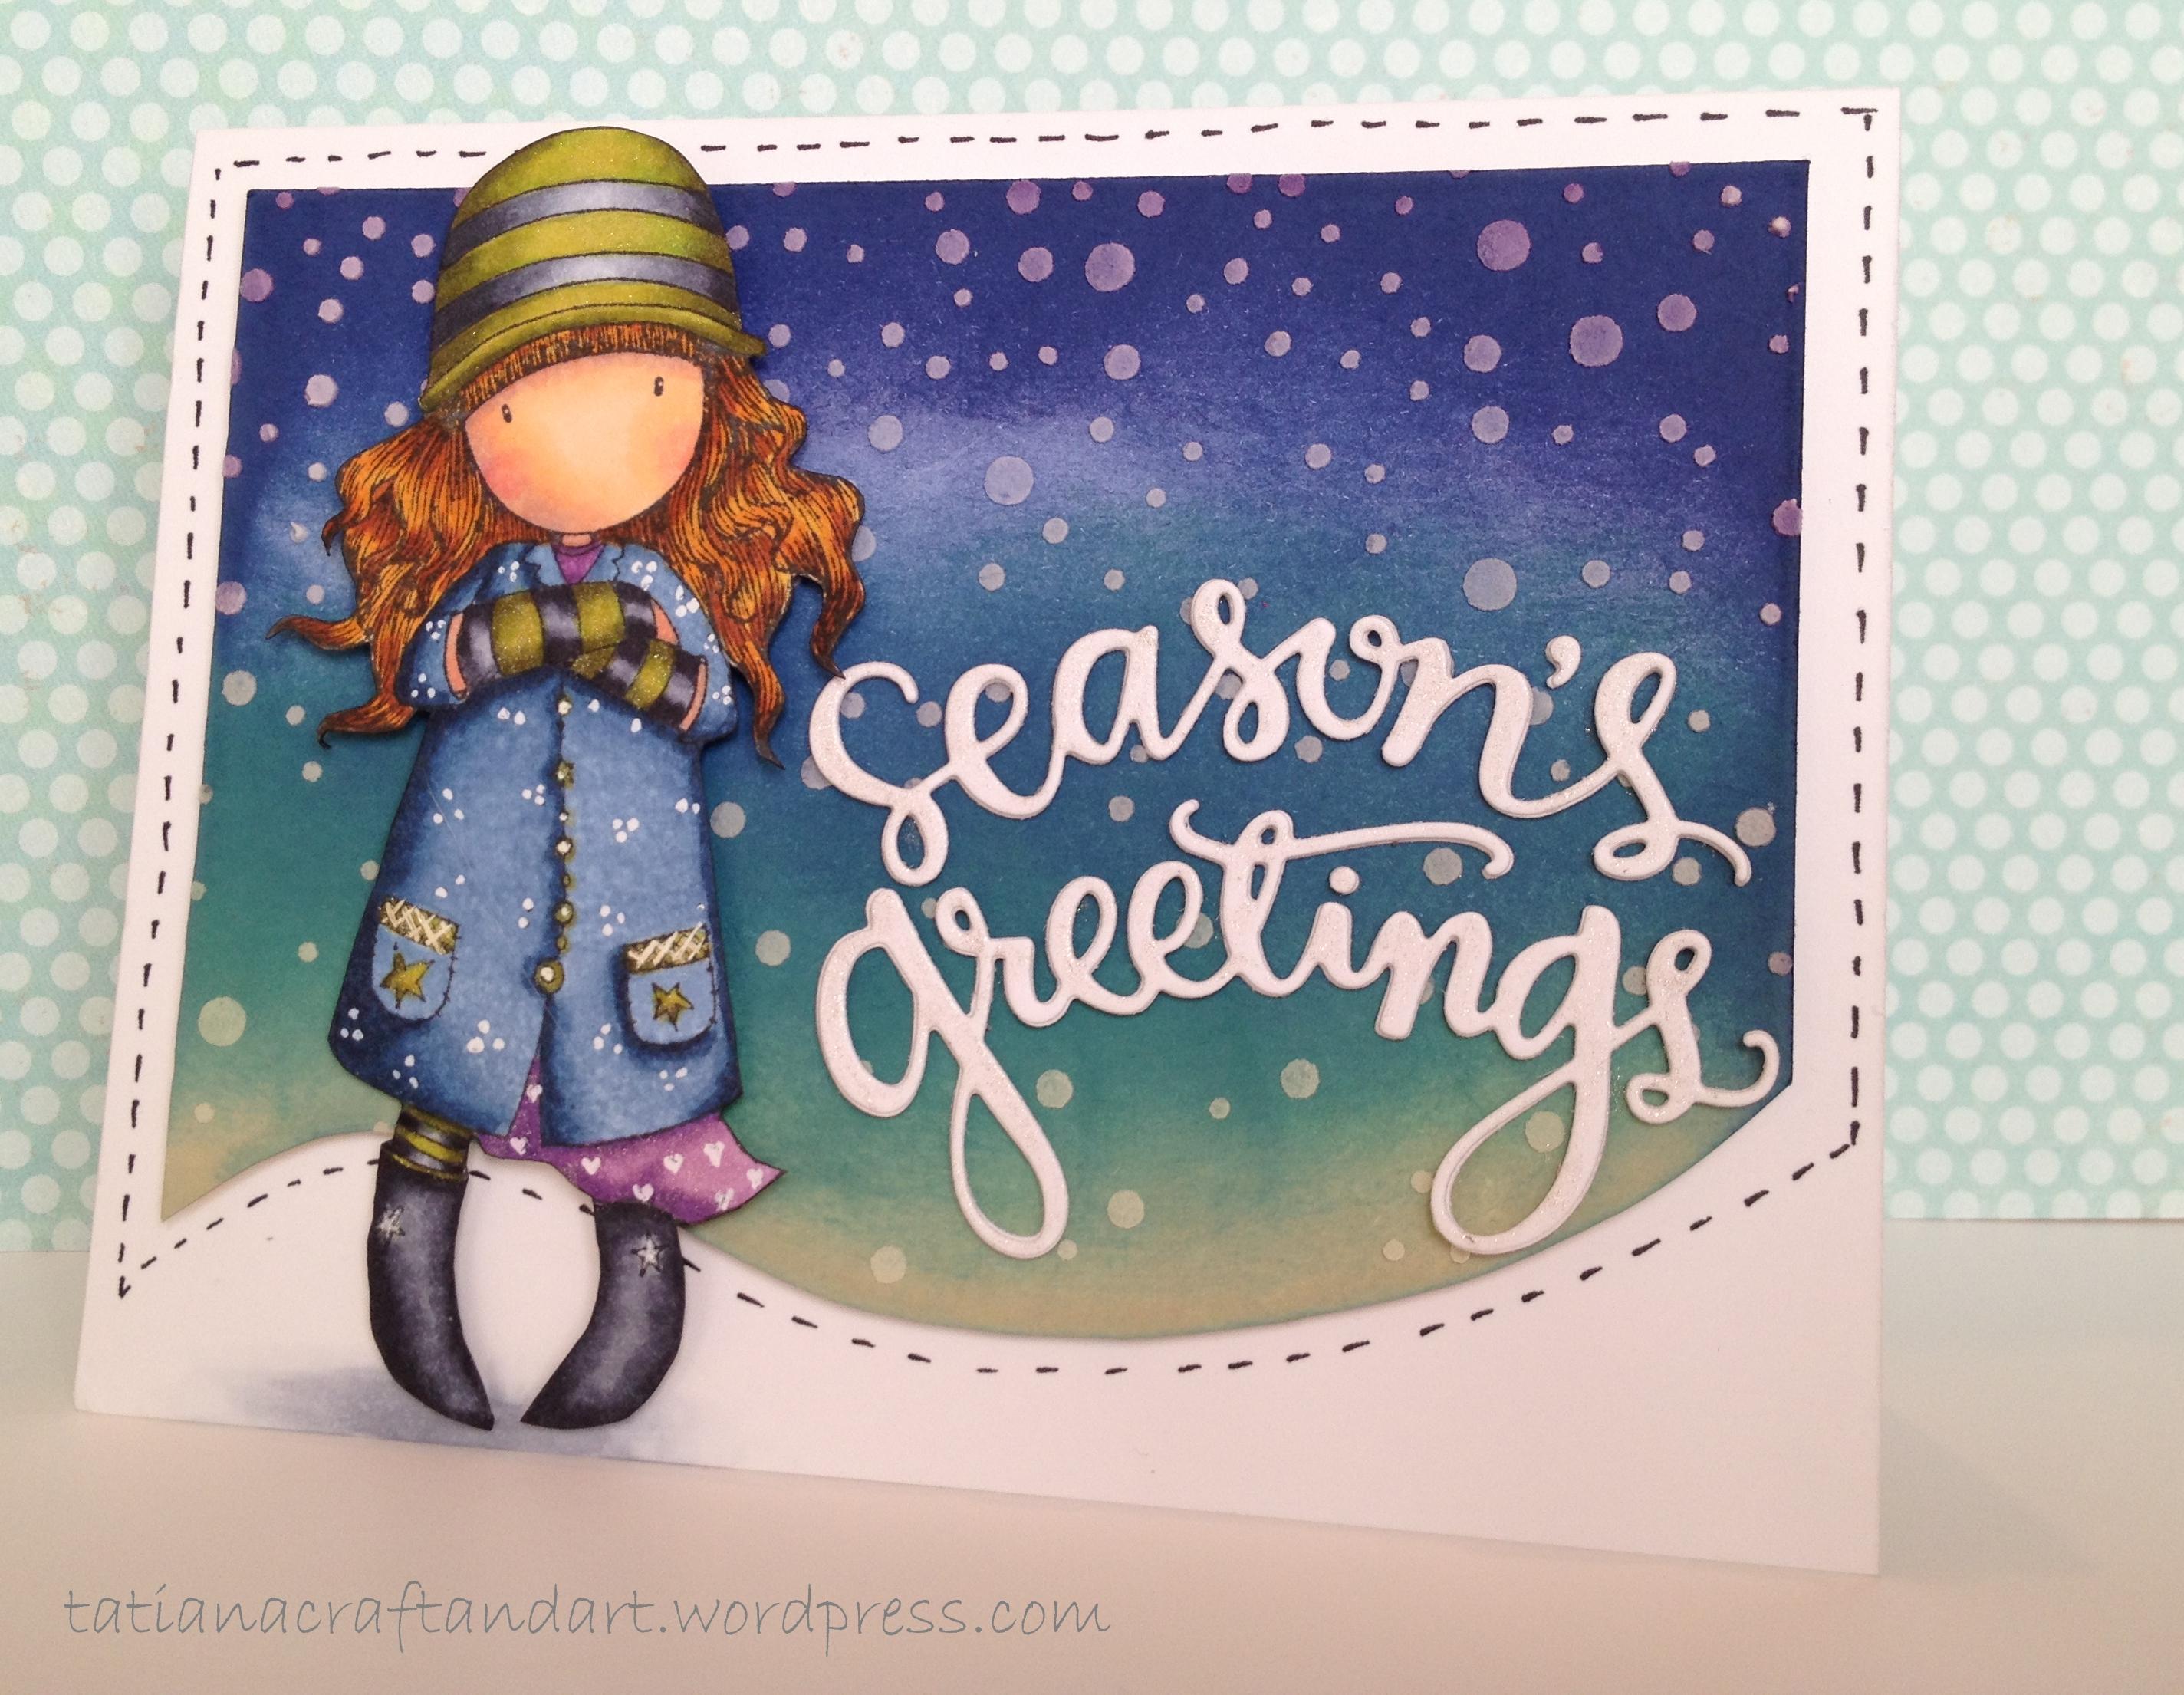 seasons-greetings-1.jpg